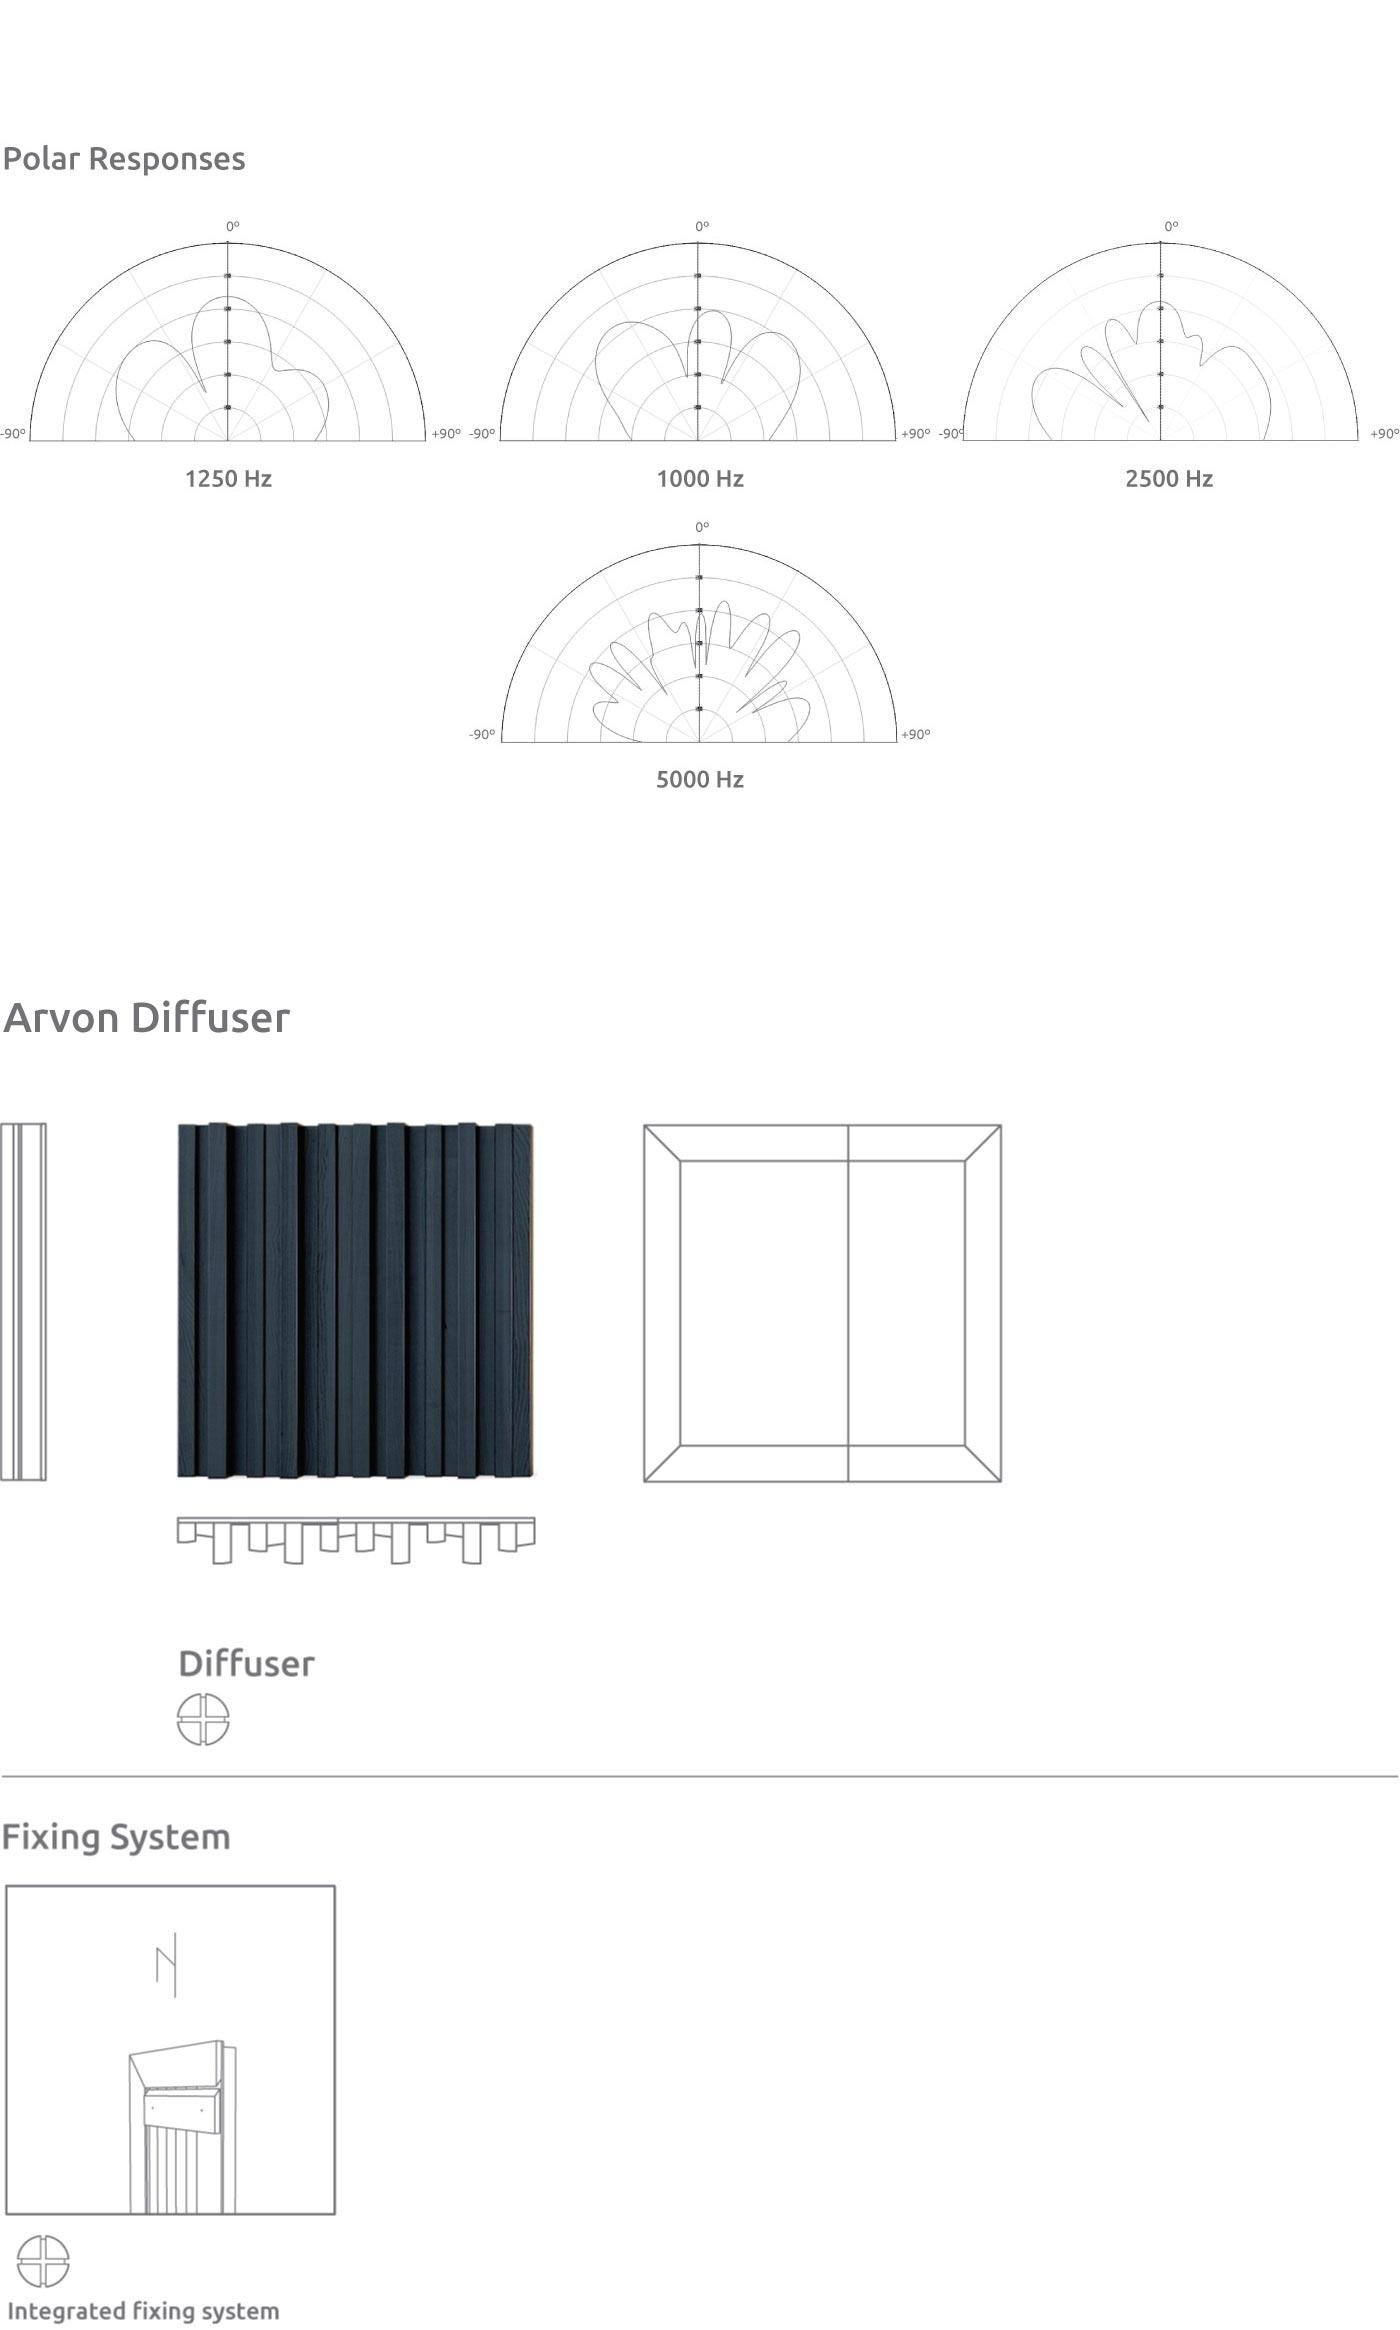 Artnovion product arvon w diffuser 0dcbc9993f